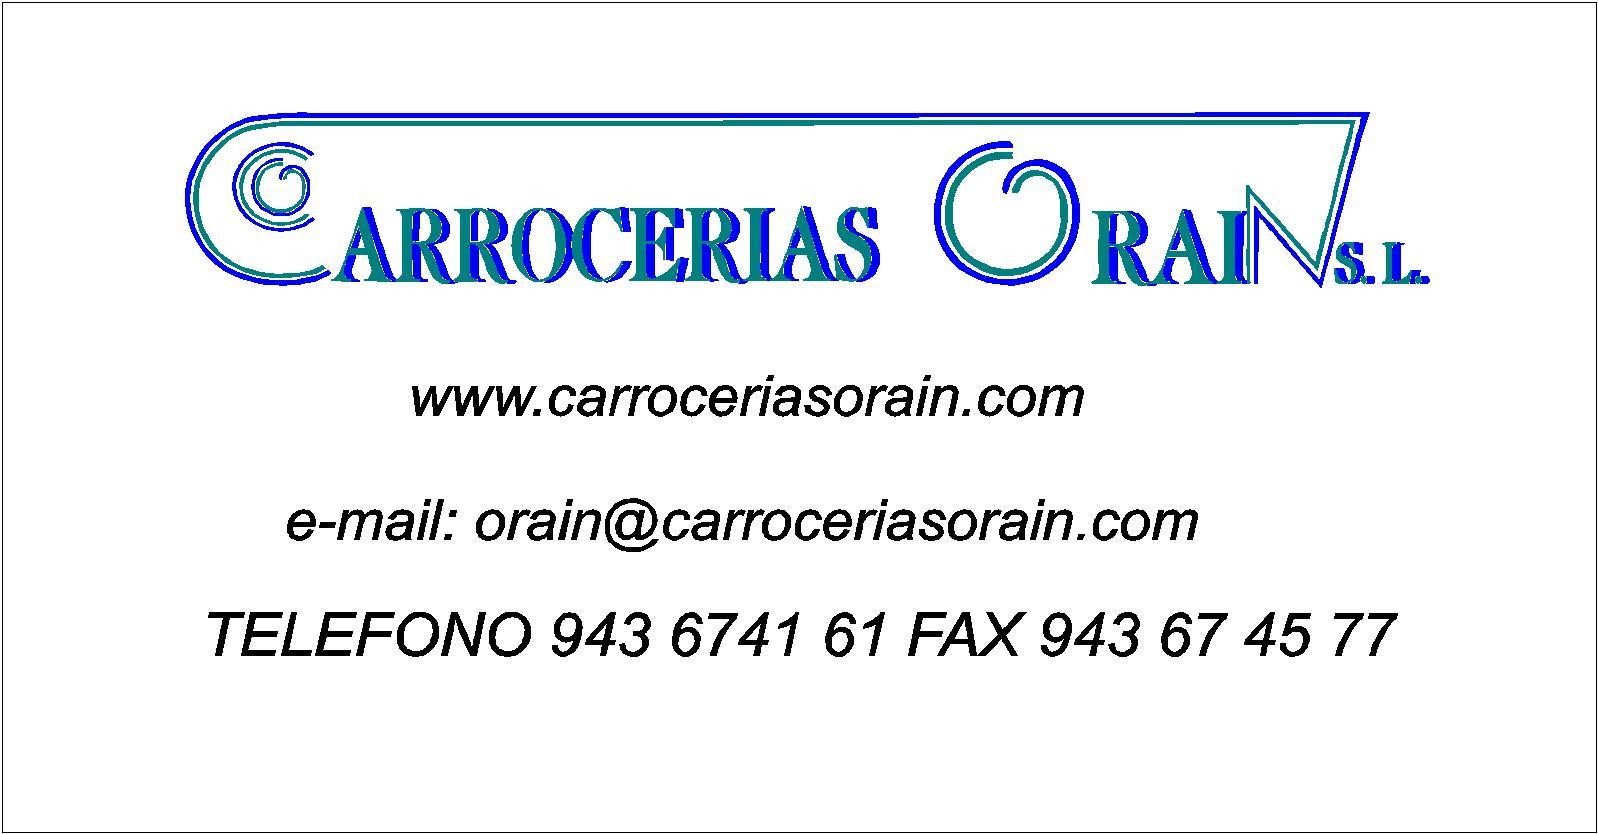 Carrocerías Orain